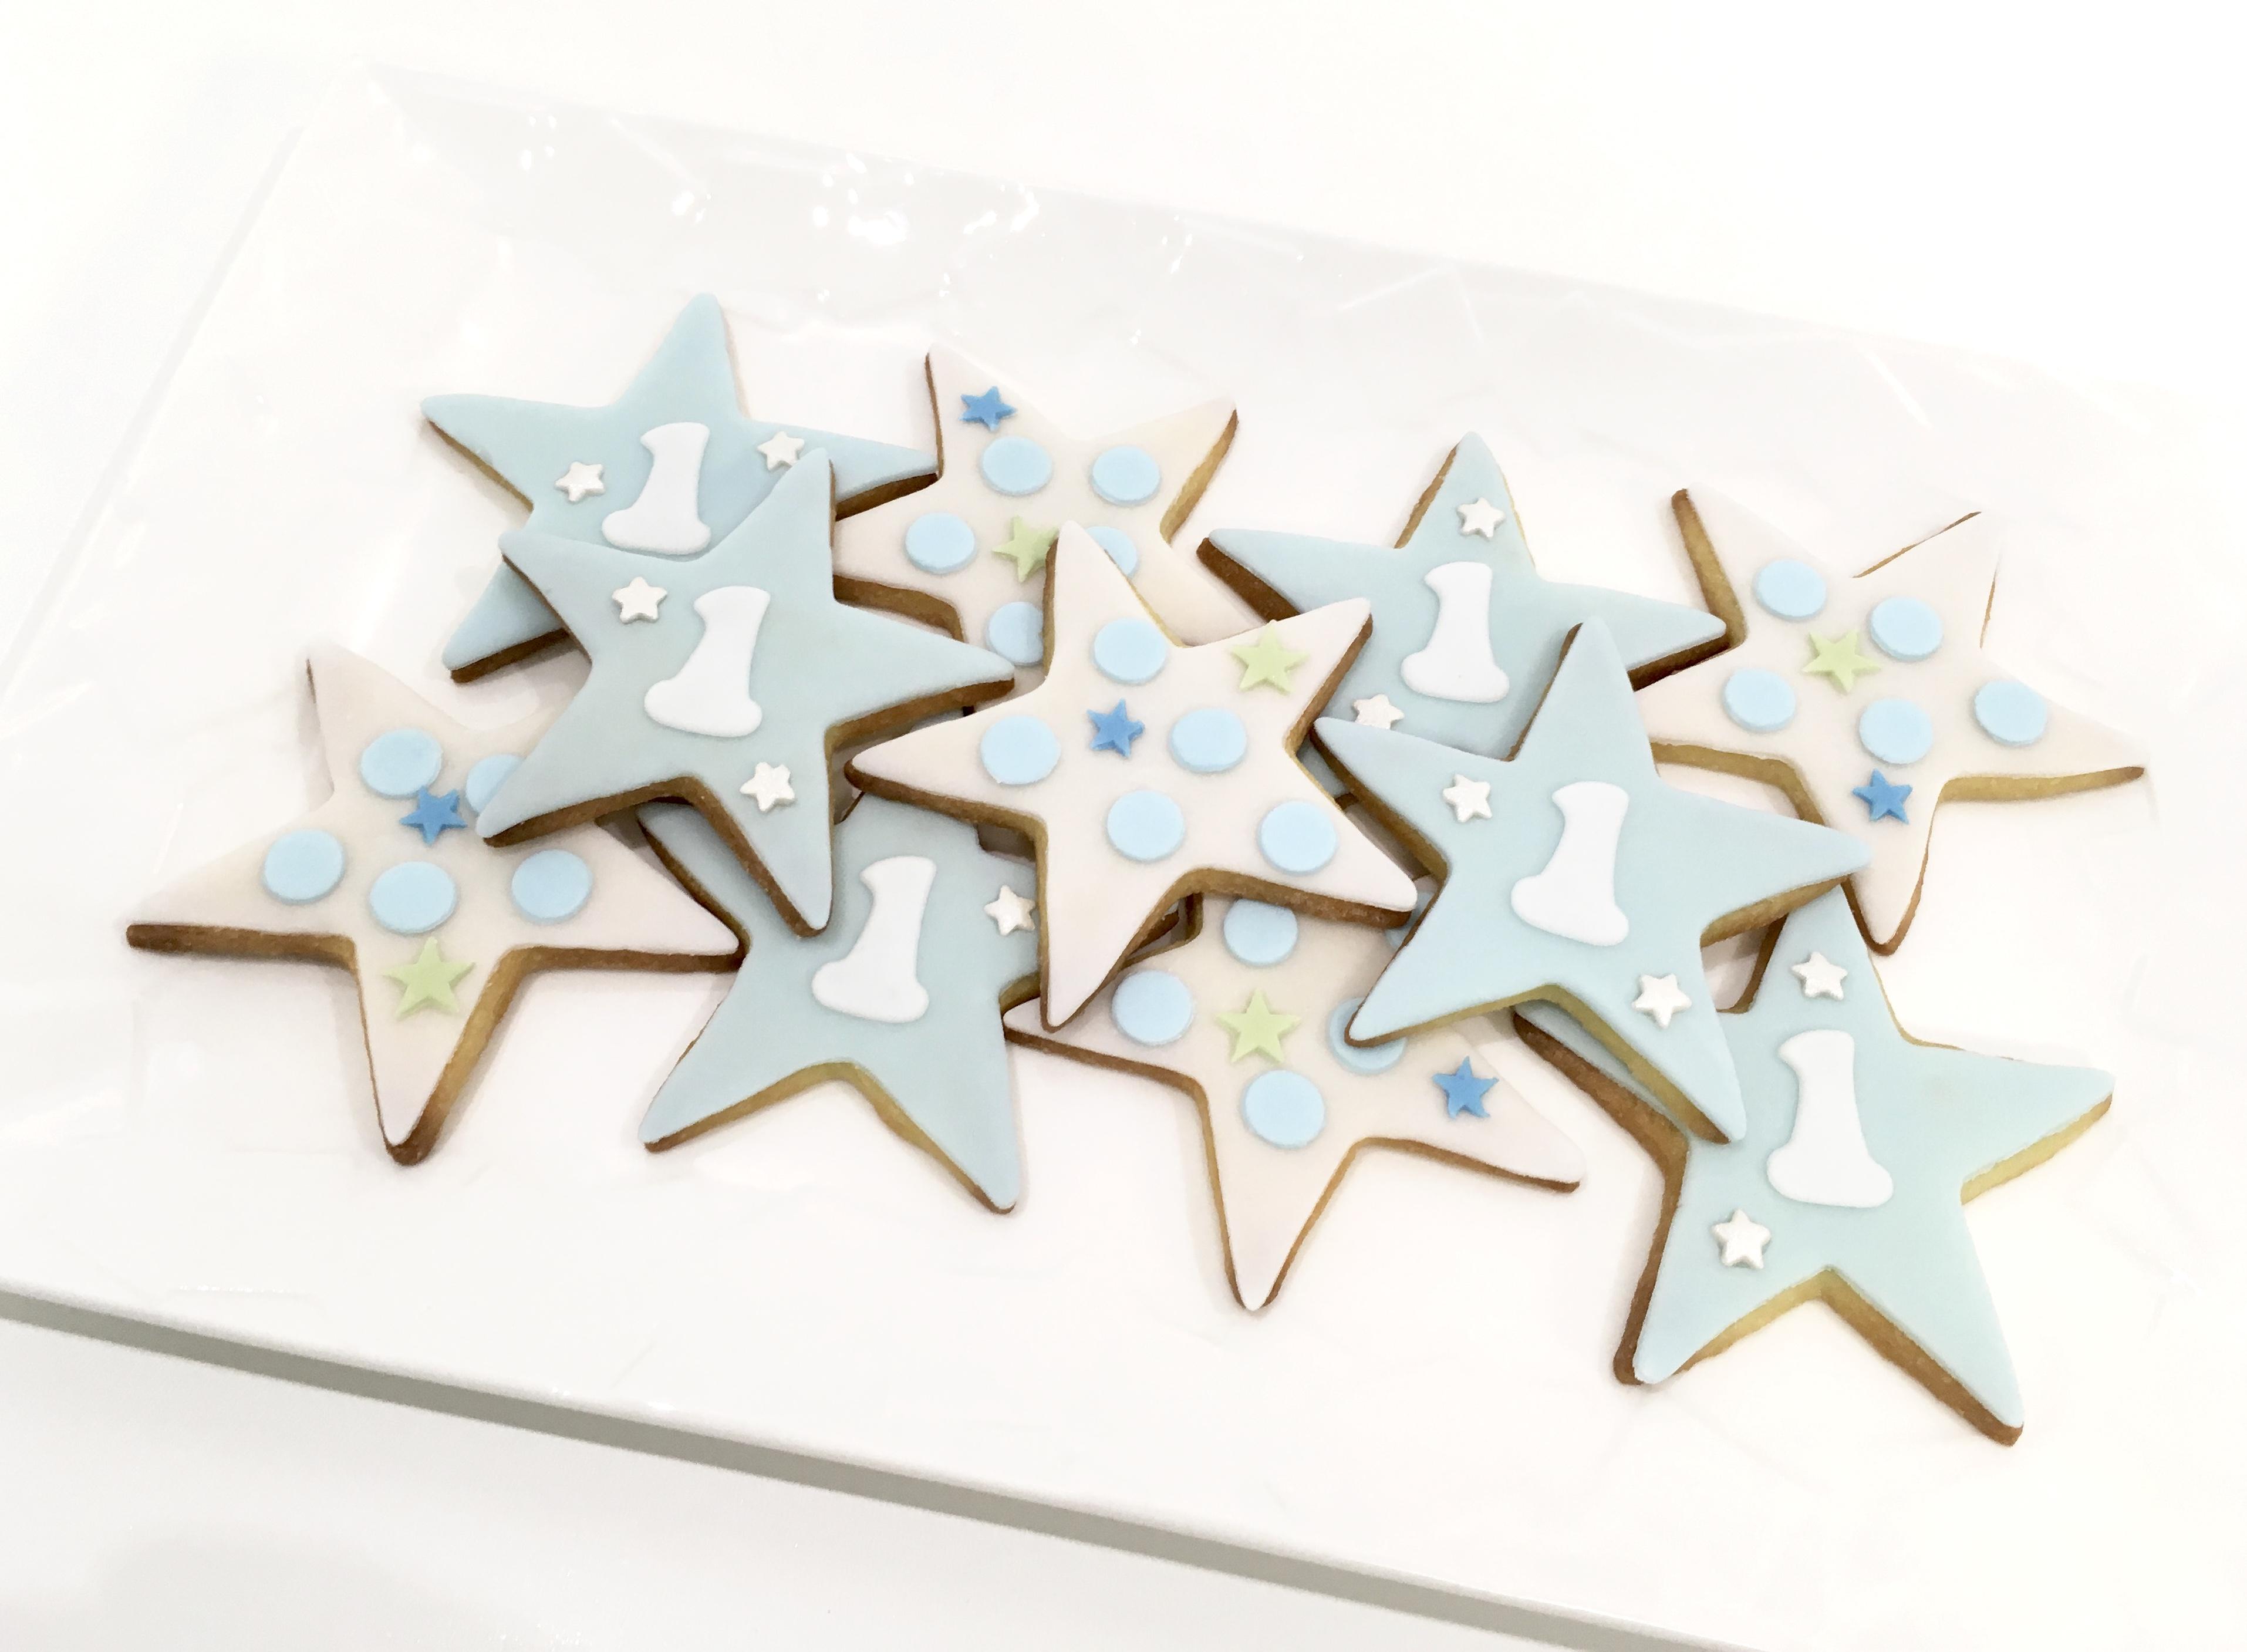 Gâteaux individuels personnalisés Anniversaire - Sablés décorés Etoiles